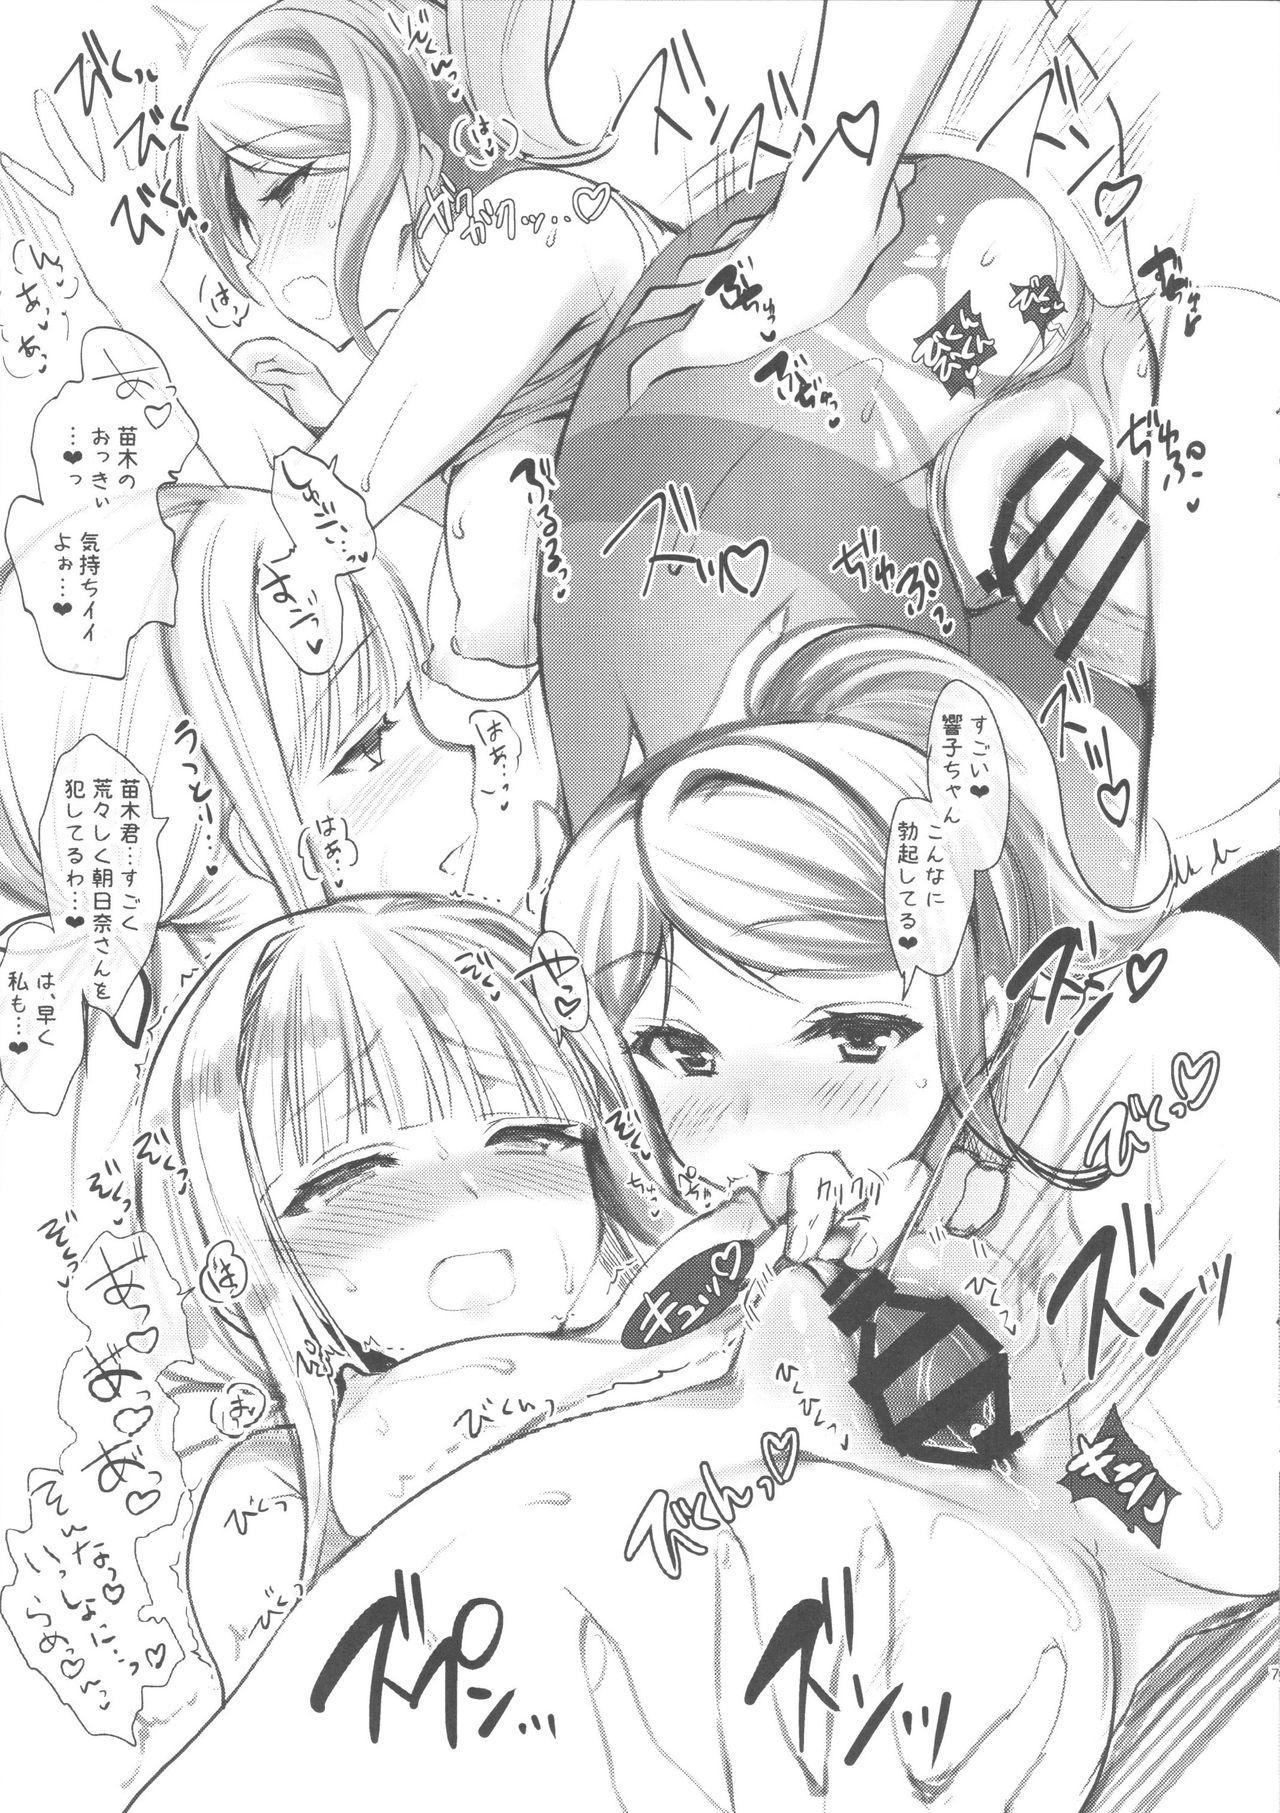 Ninokoya C90 Omake Orihon 7